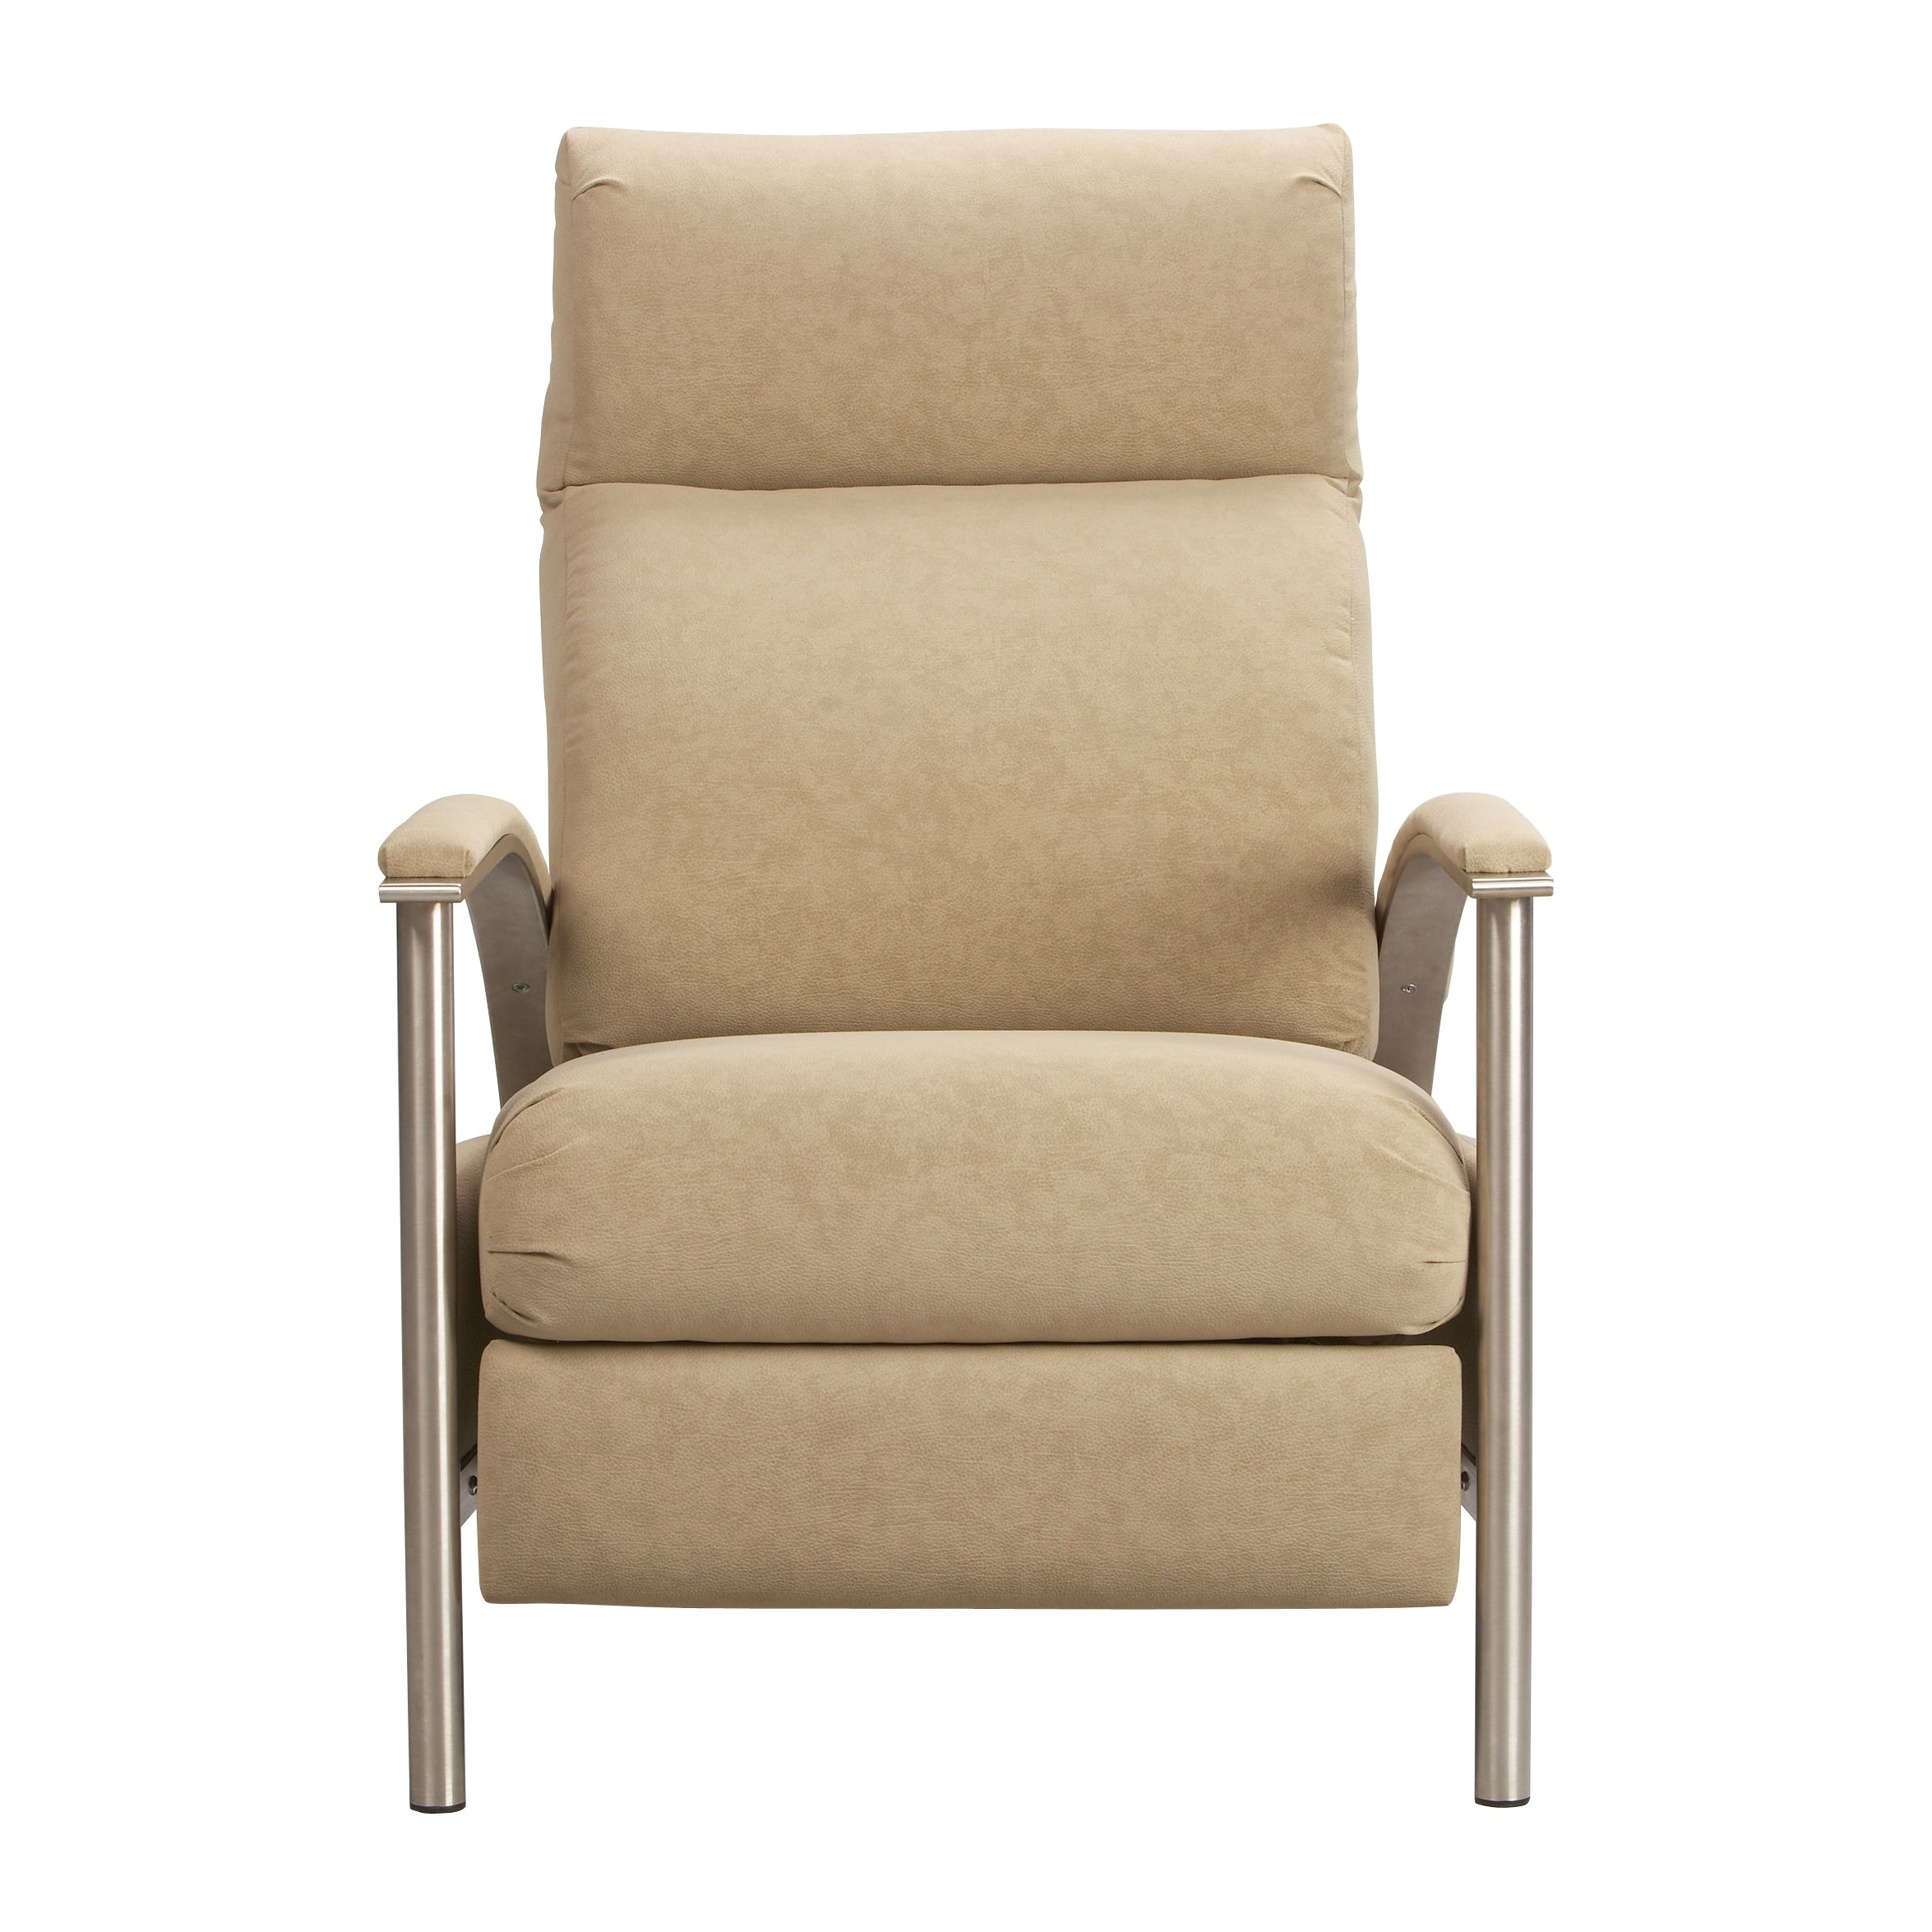 Ethan Allen Recliner Chairs Linear Recliner Ethan Allen Us Currey Living Room Pinterest